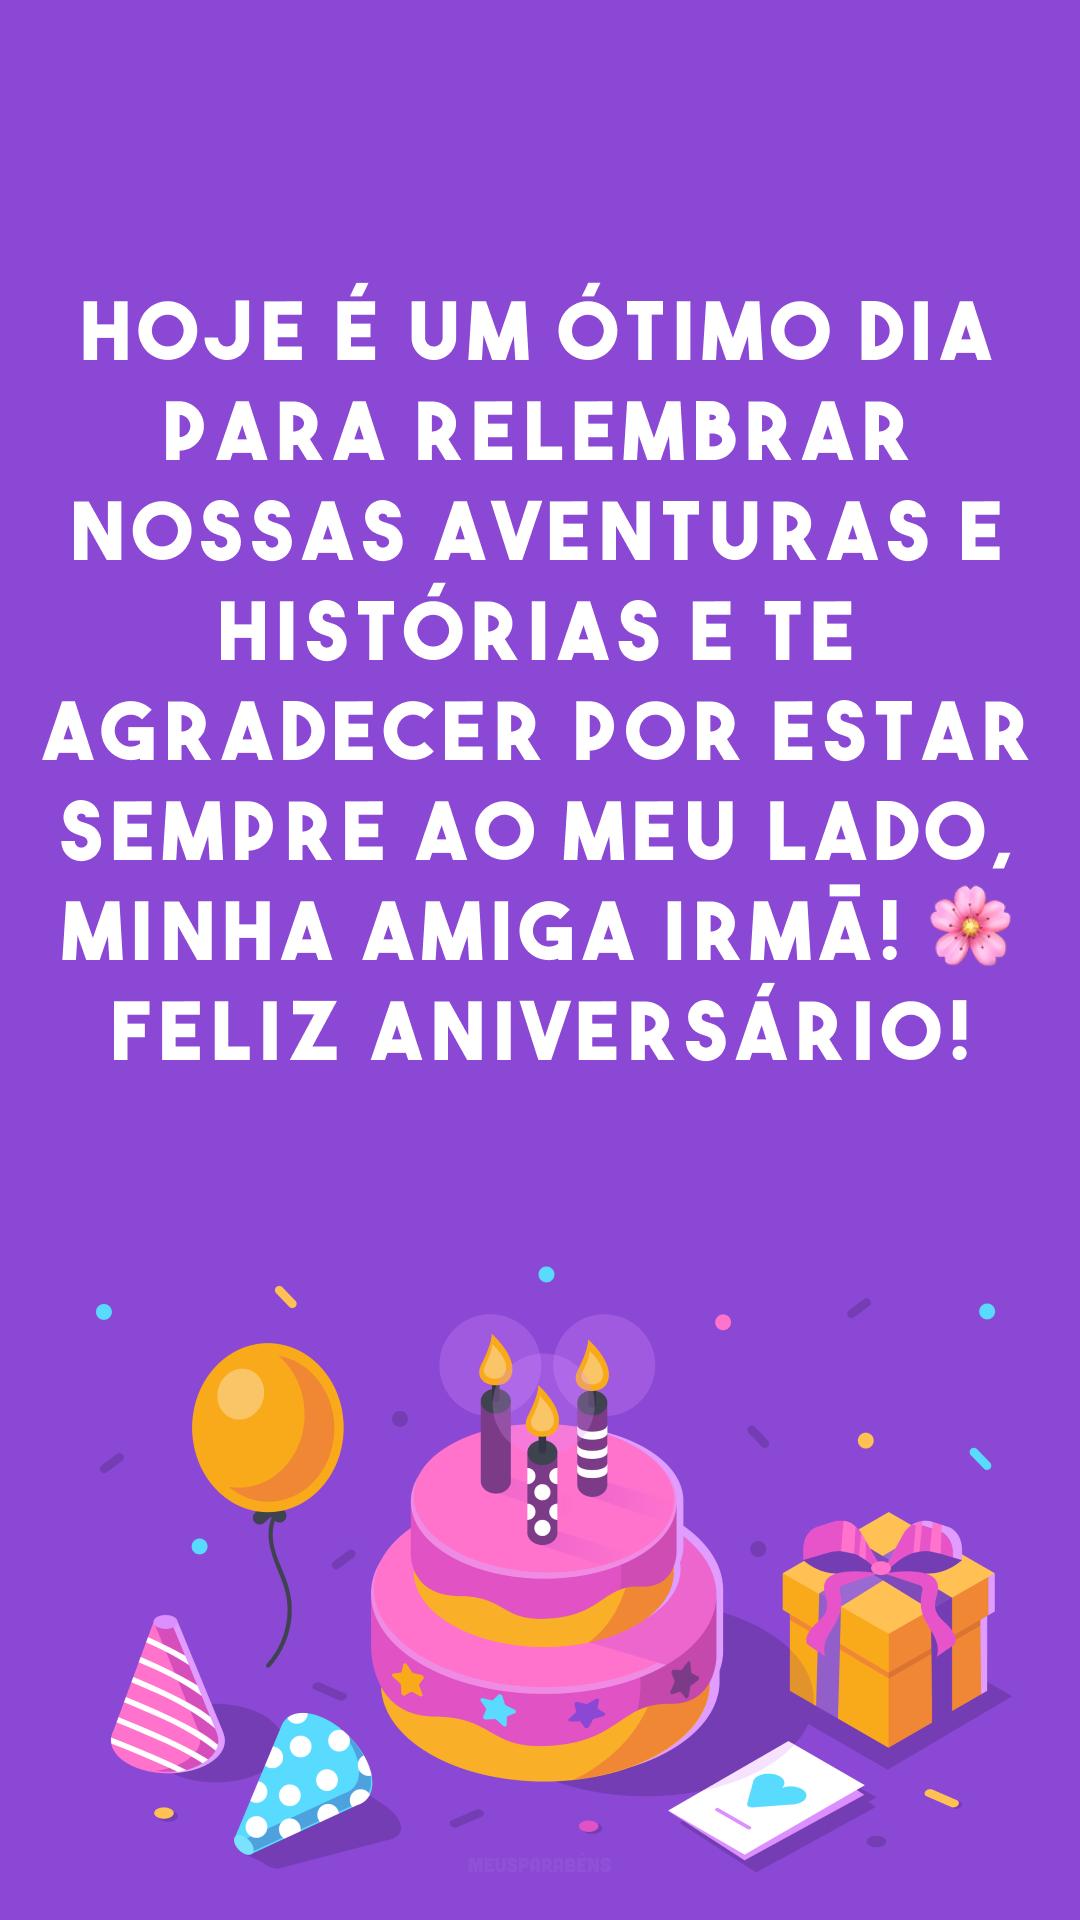 Hoje é um ótimo dia para relembrar nossas aventuras e histórias e te agradecer por estar sempre ao meu lado, minha amiga irmã! 🌸 Feliz aniversário!